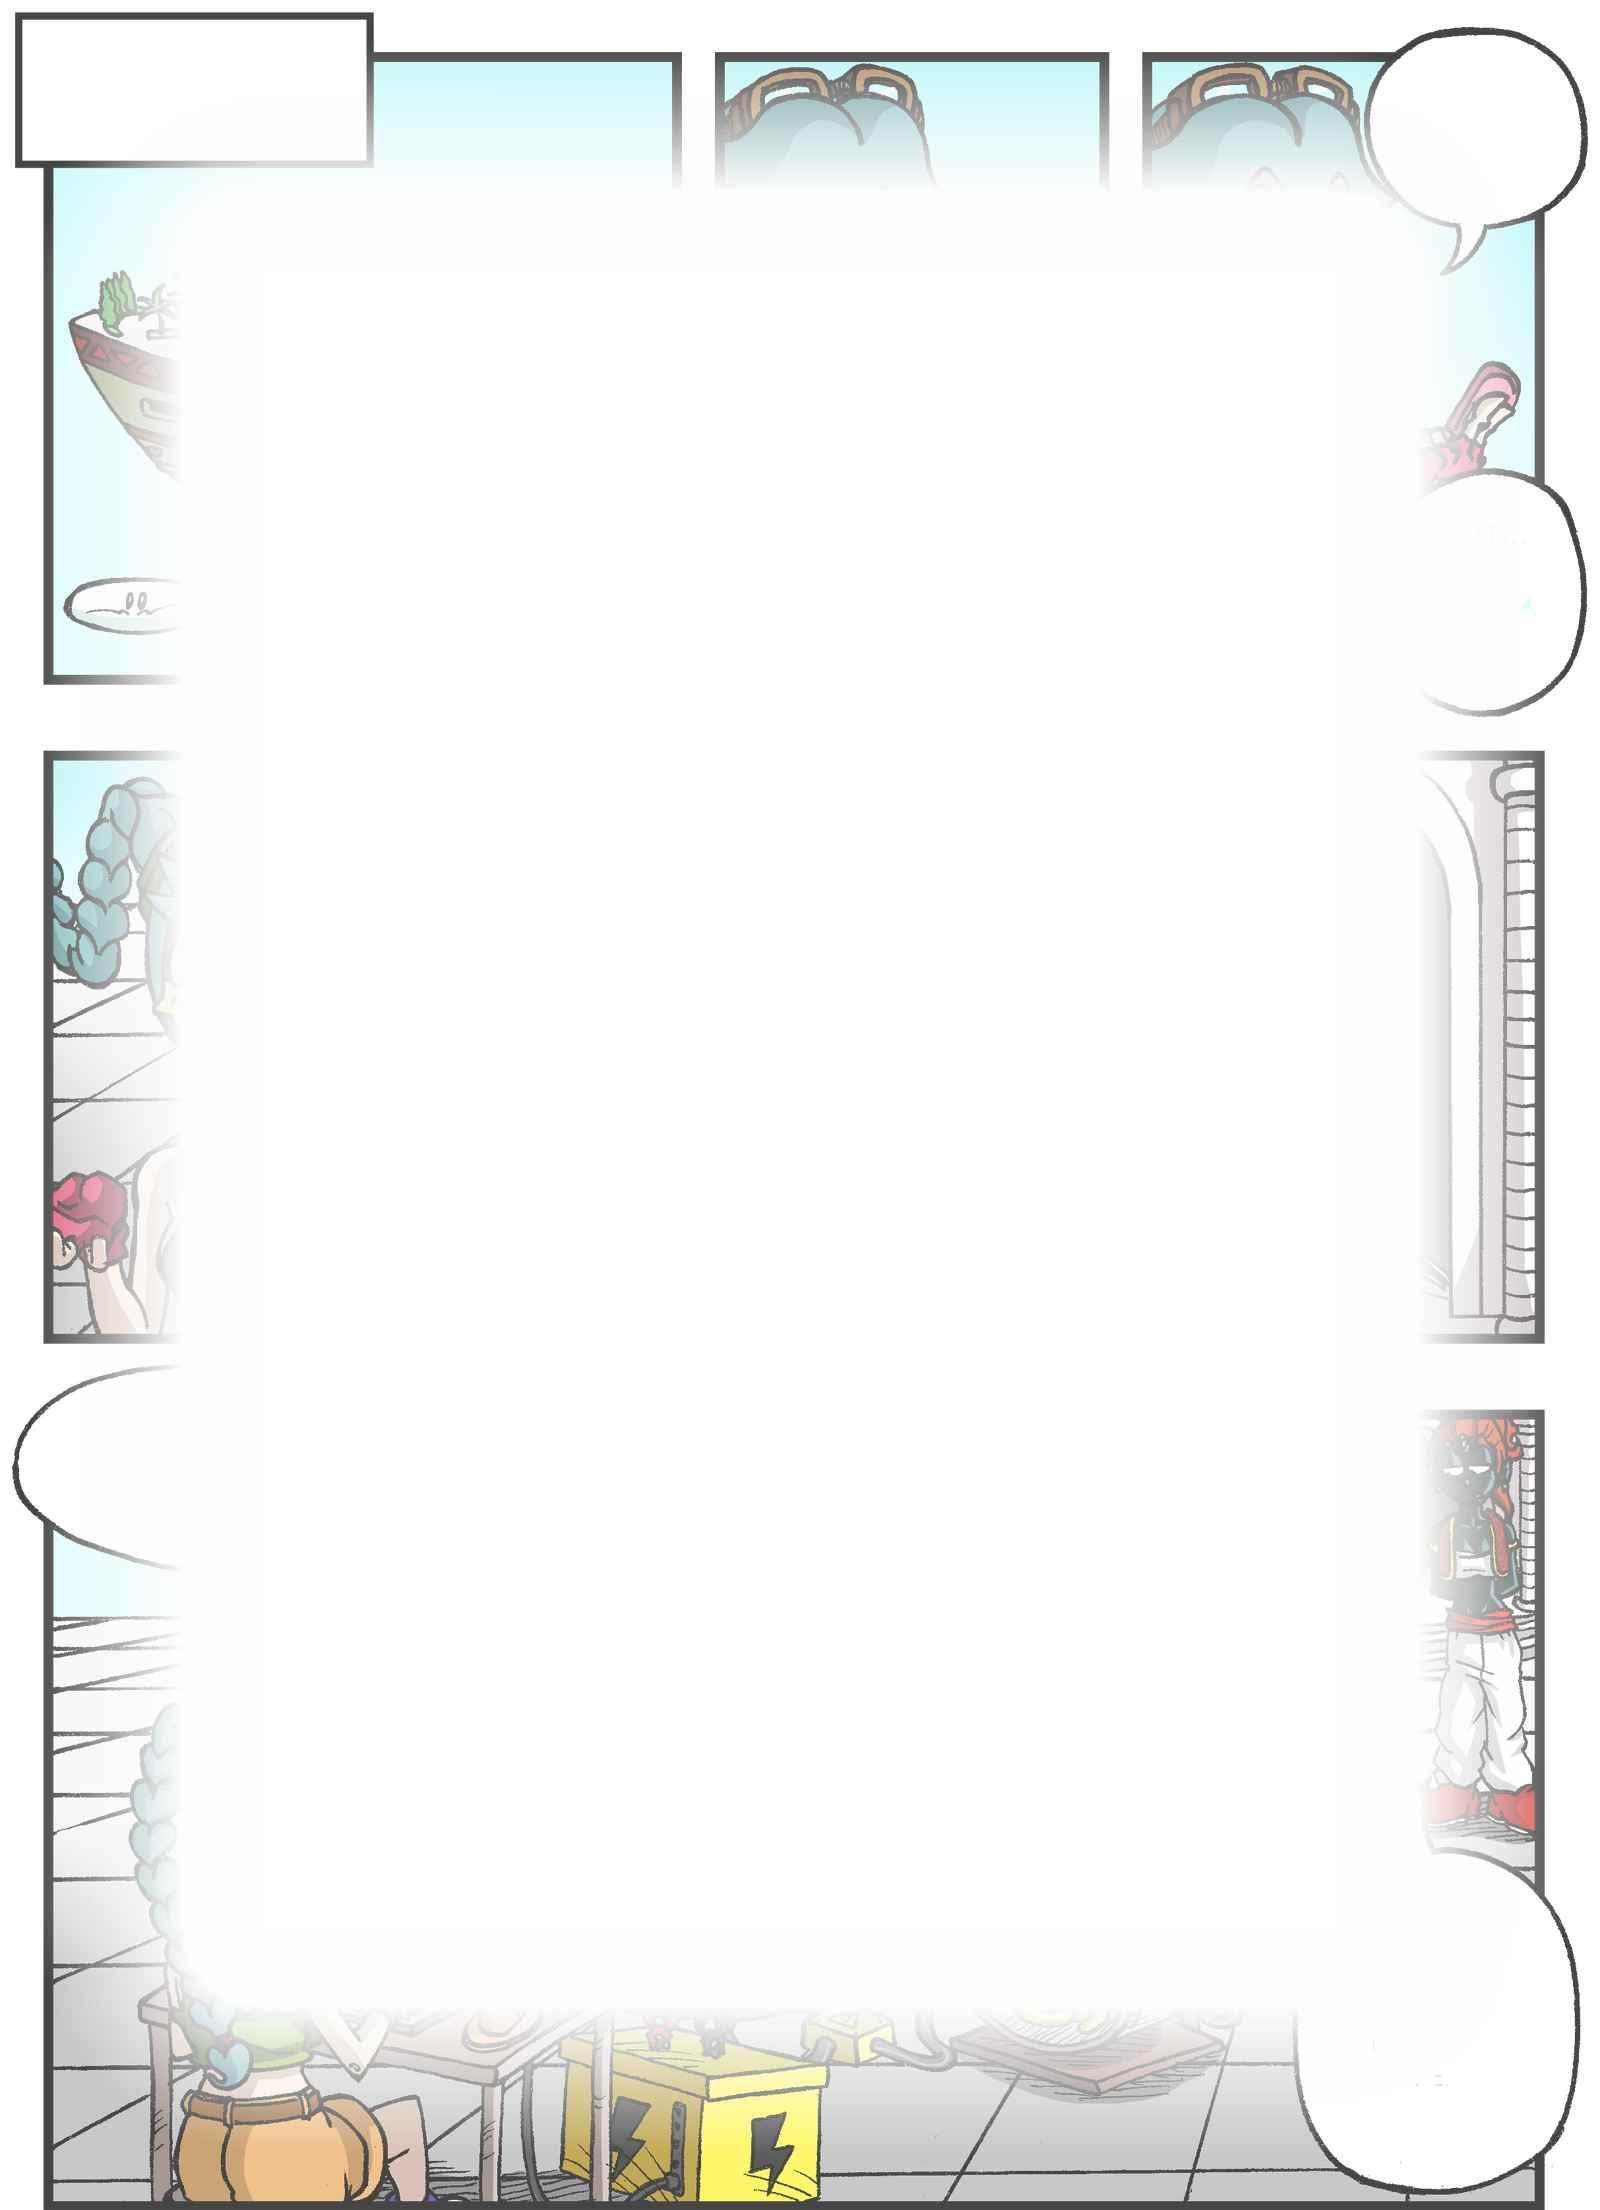 スーパードラゴンブラザーズZ : チャプター 2 ページ 14